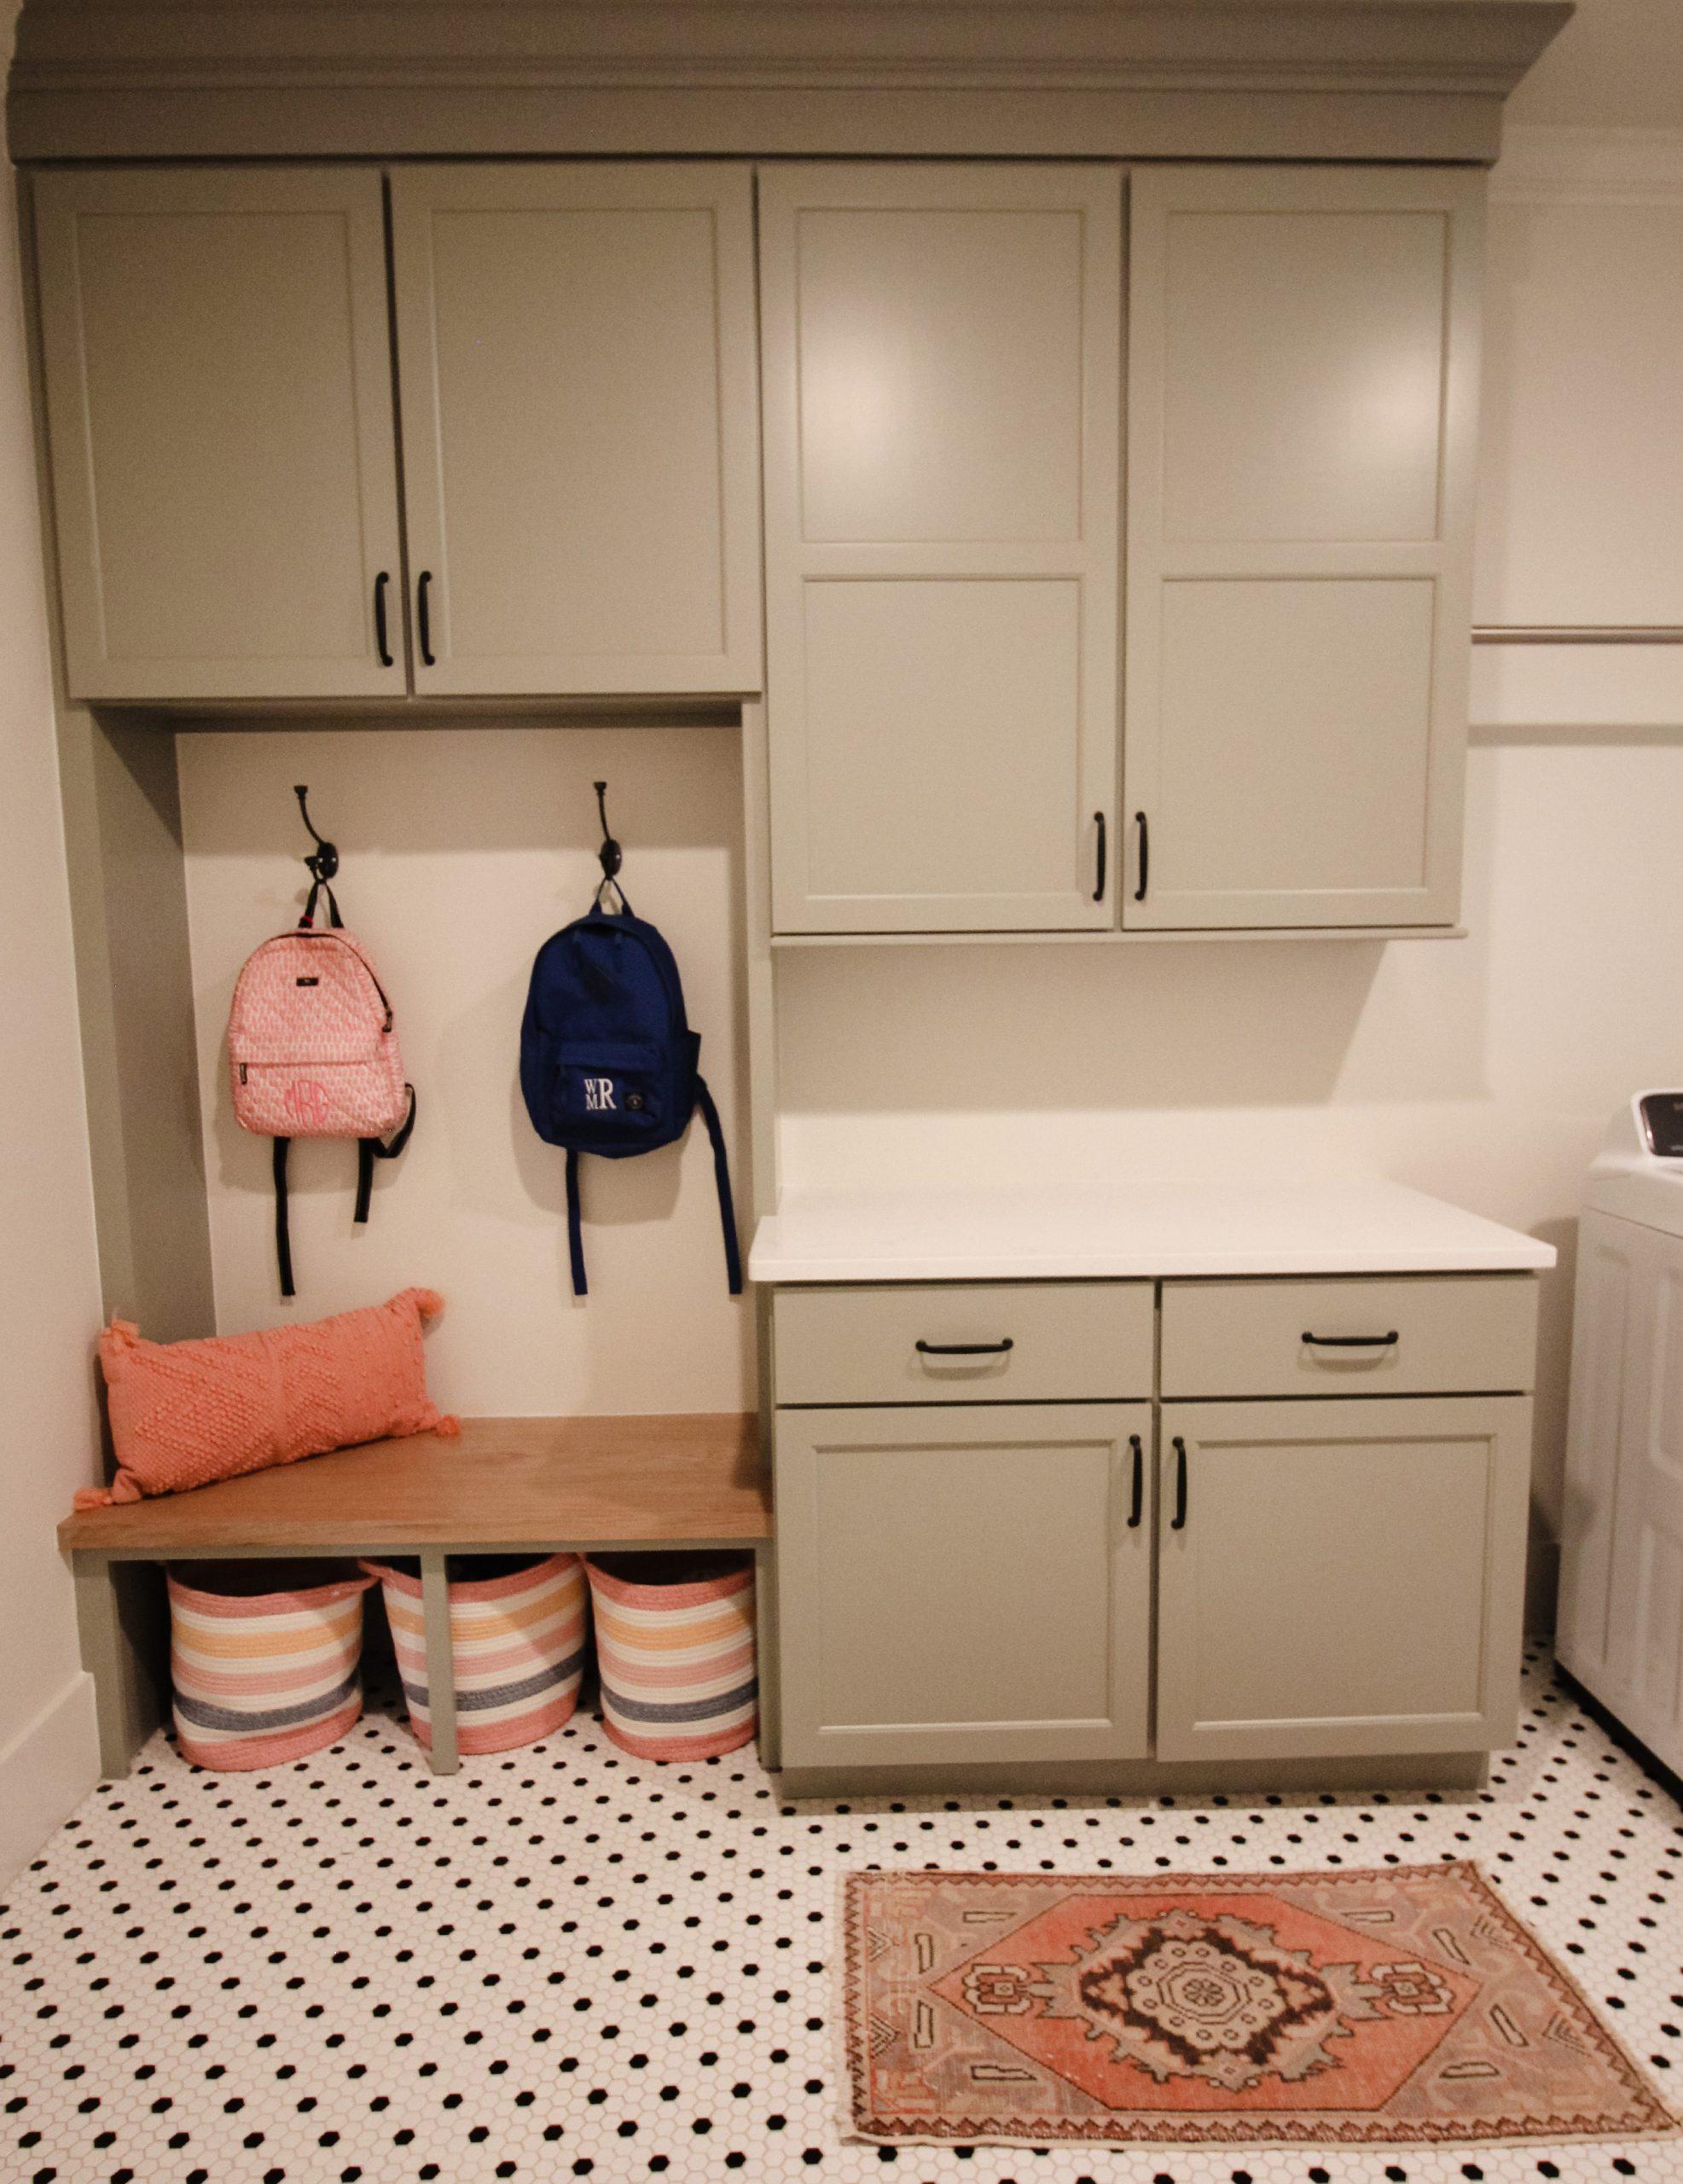 September Laundry Built-In